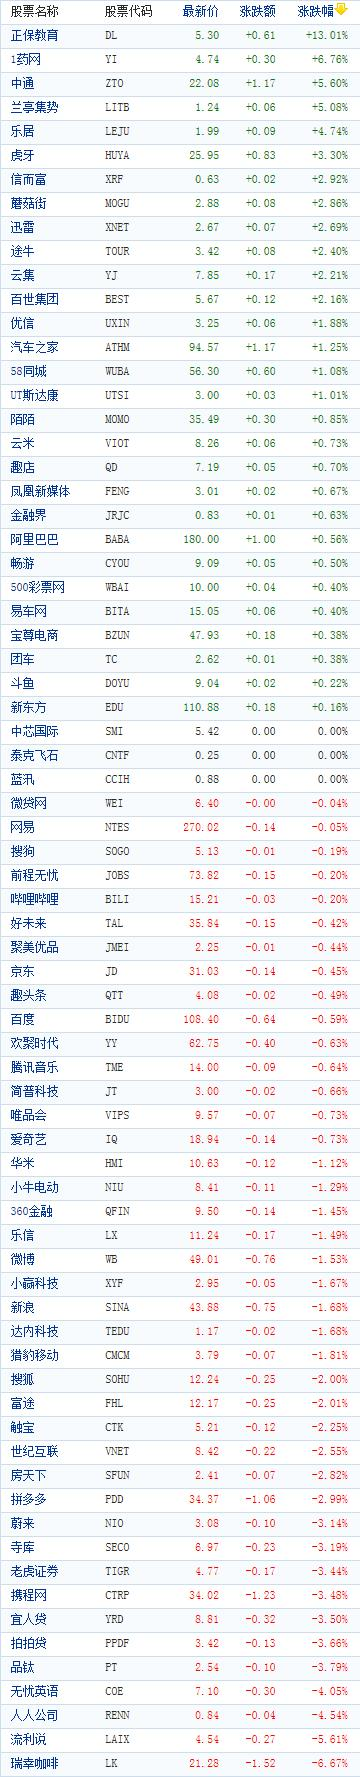 http://www.qwican.com/caijingjingji/1848142.html